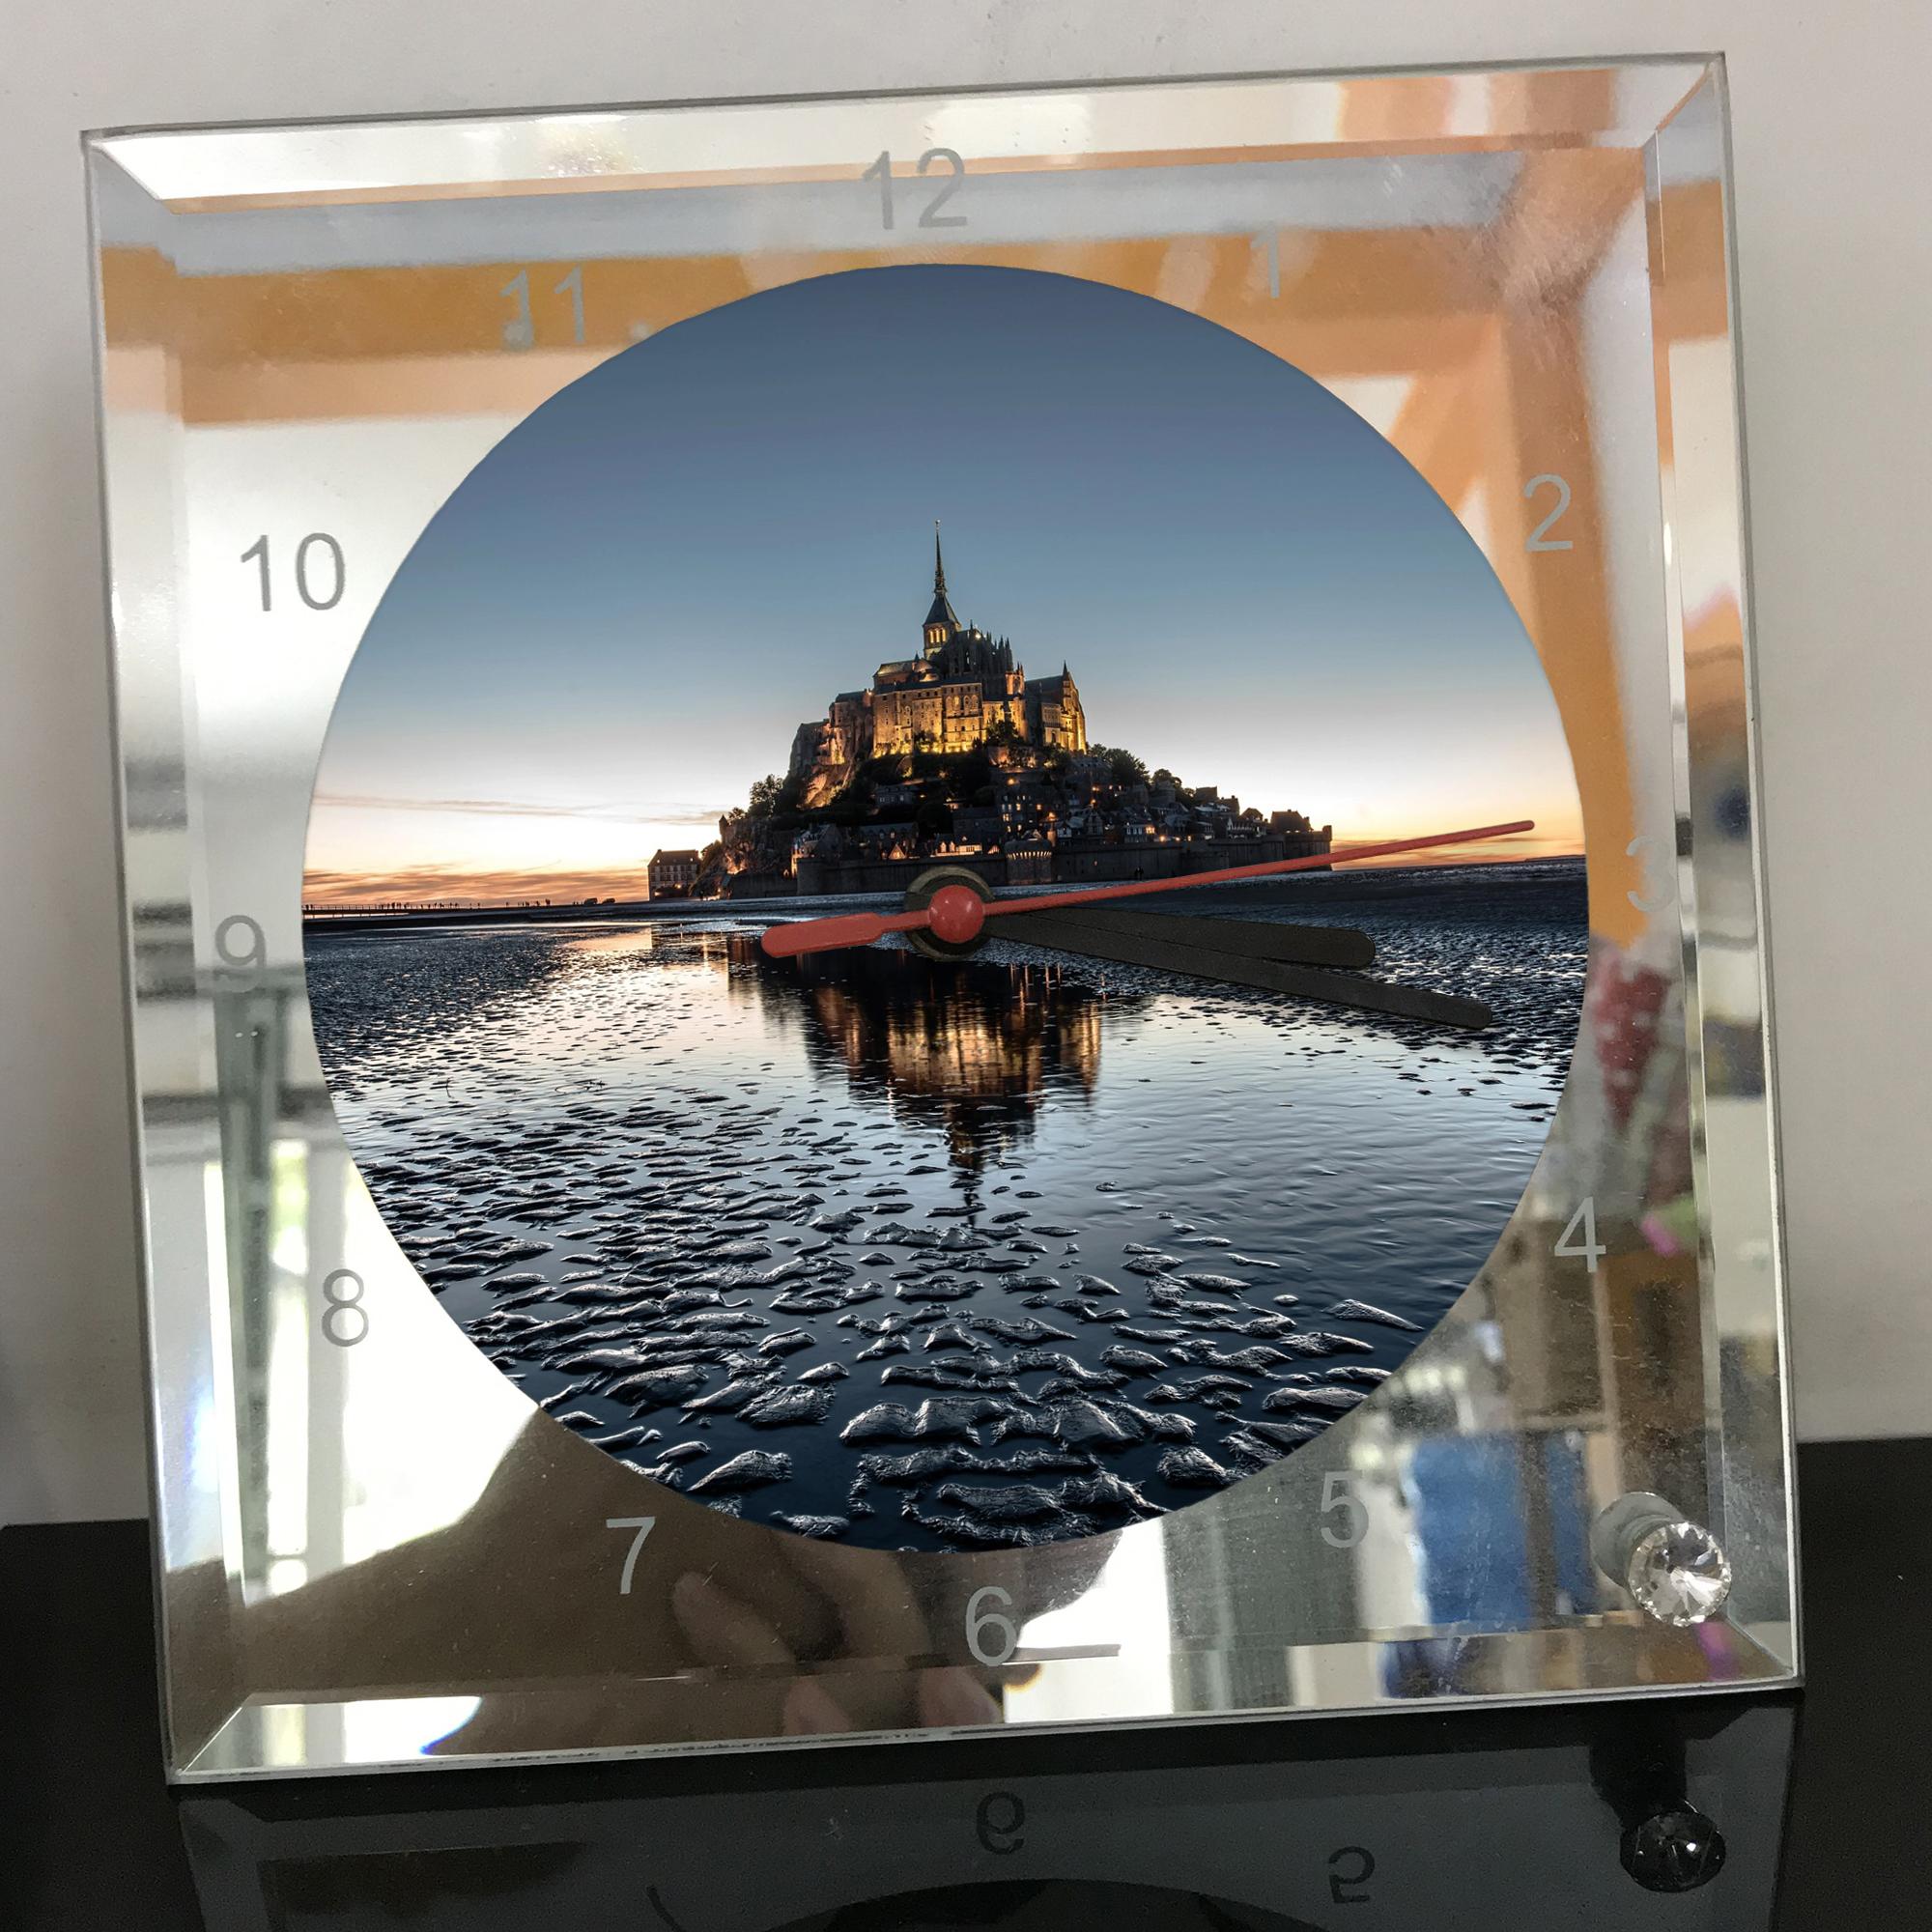 Đồng hồ thủy tinh vuông 20x20 in hình tu viện Mont Saint-Michel (36) . Đồng hồ thủy tinh để bàn trang trí đẹp chủ đề tôn giáo